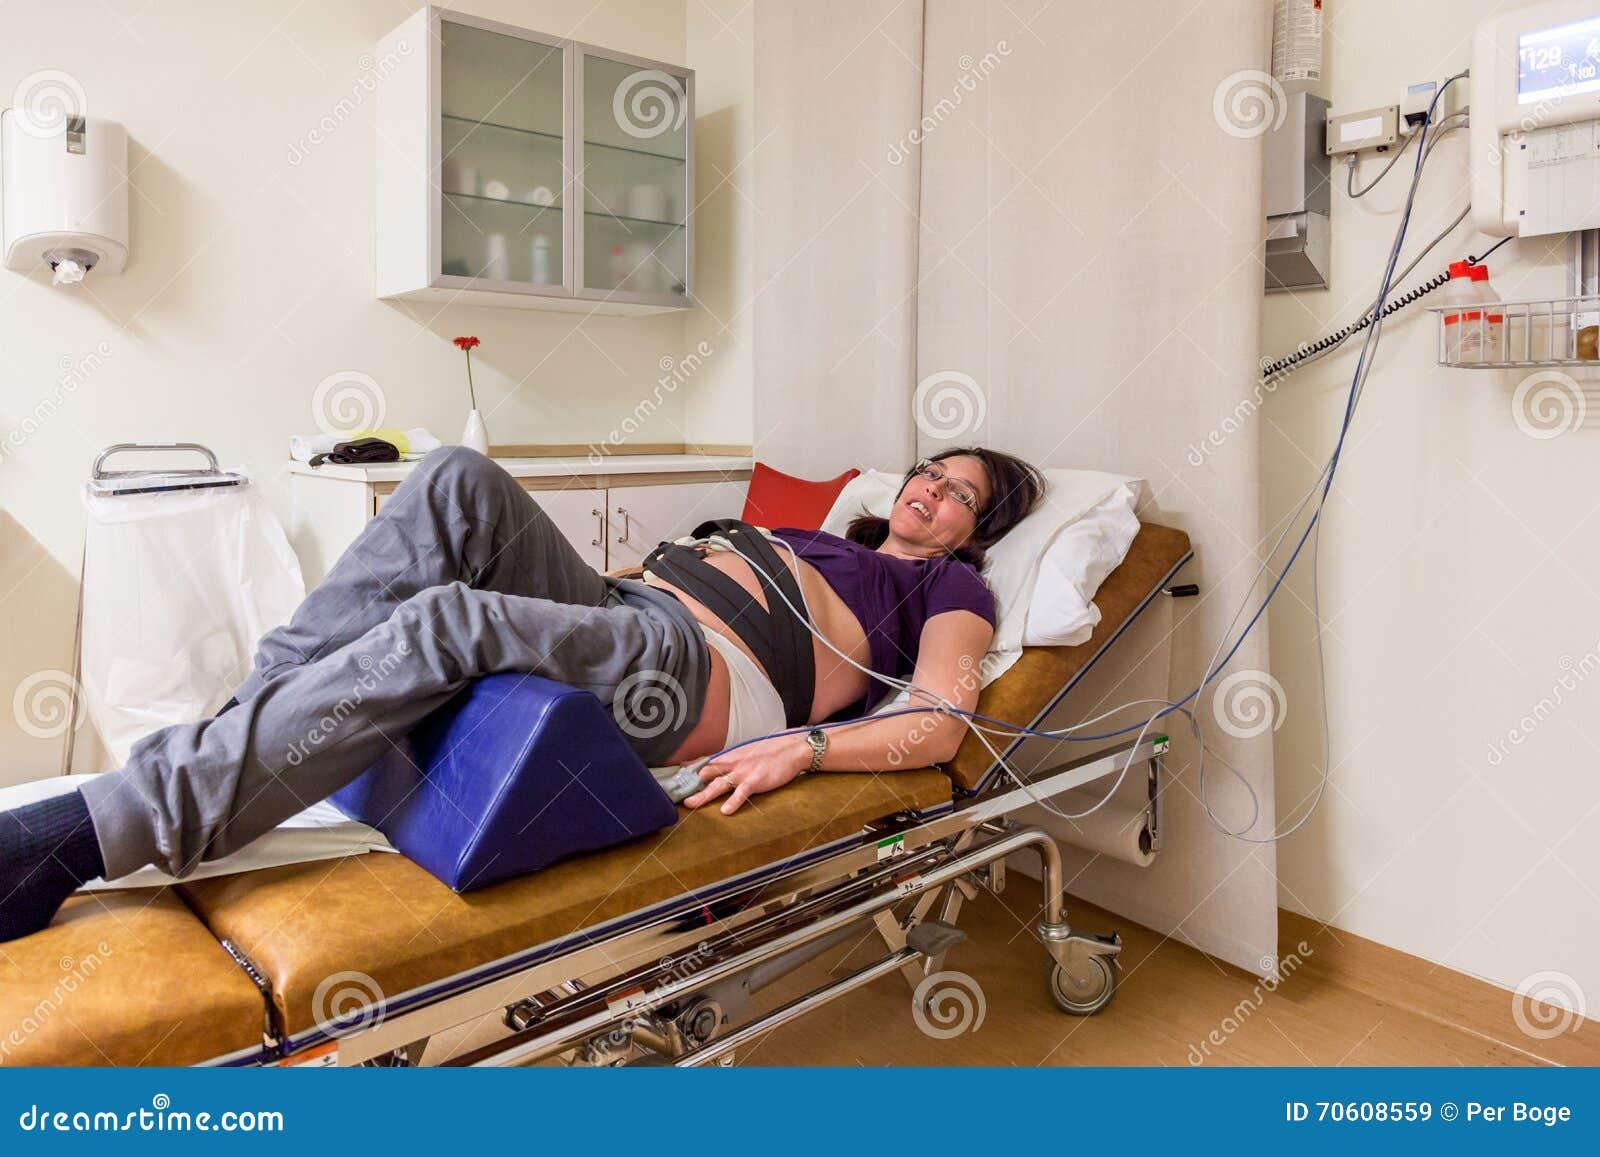 Gravida kvinnan i det akuta sjukhuset avvärjer, innan han ger födelse